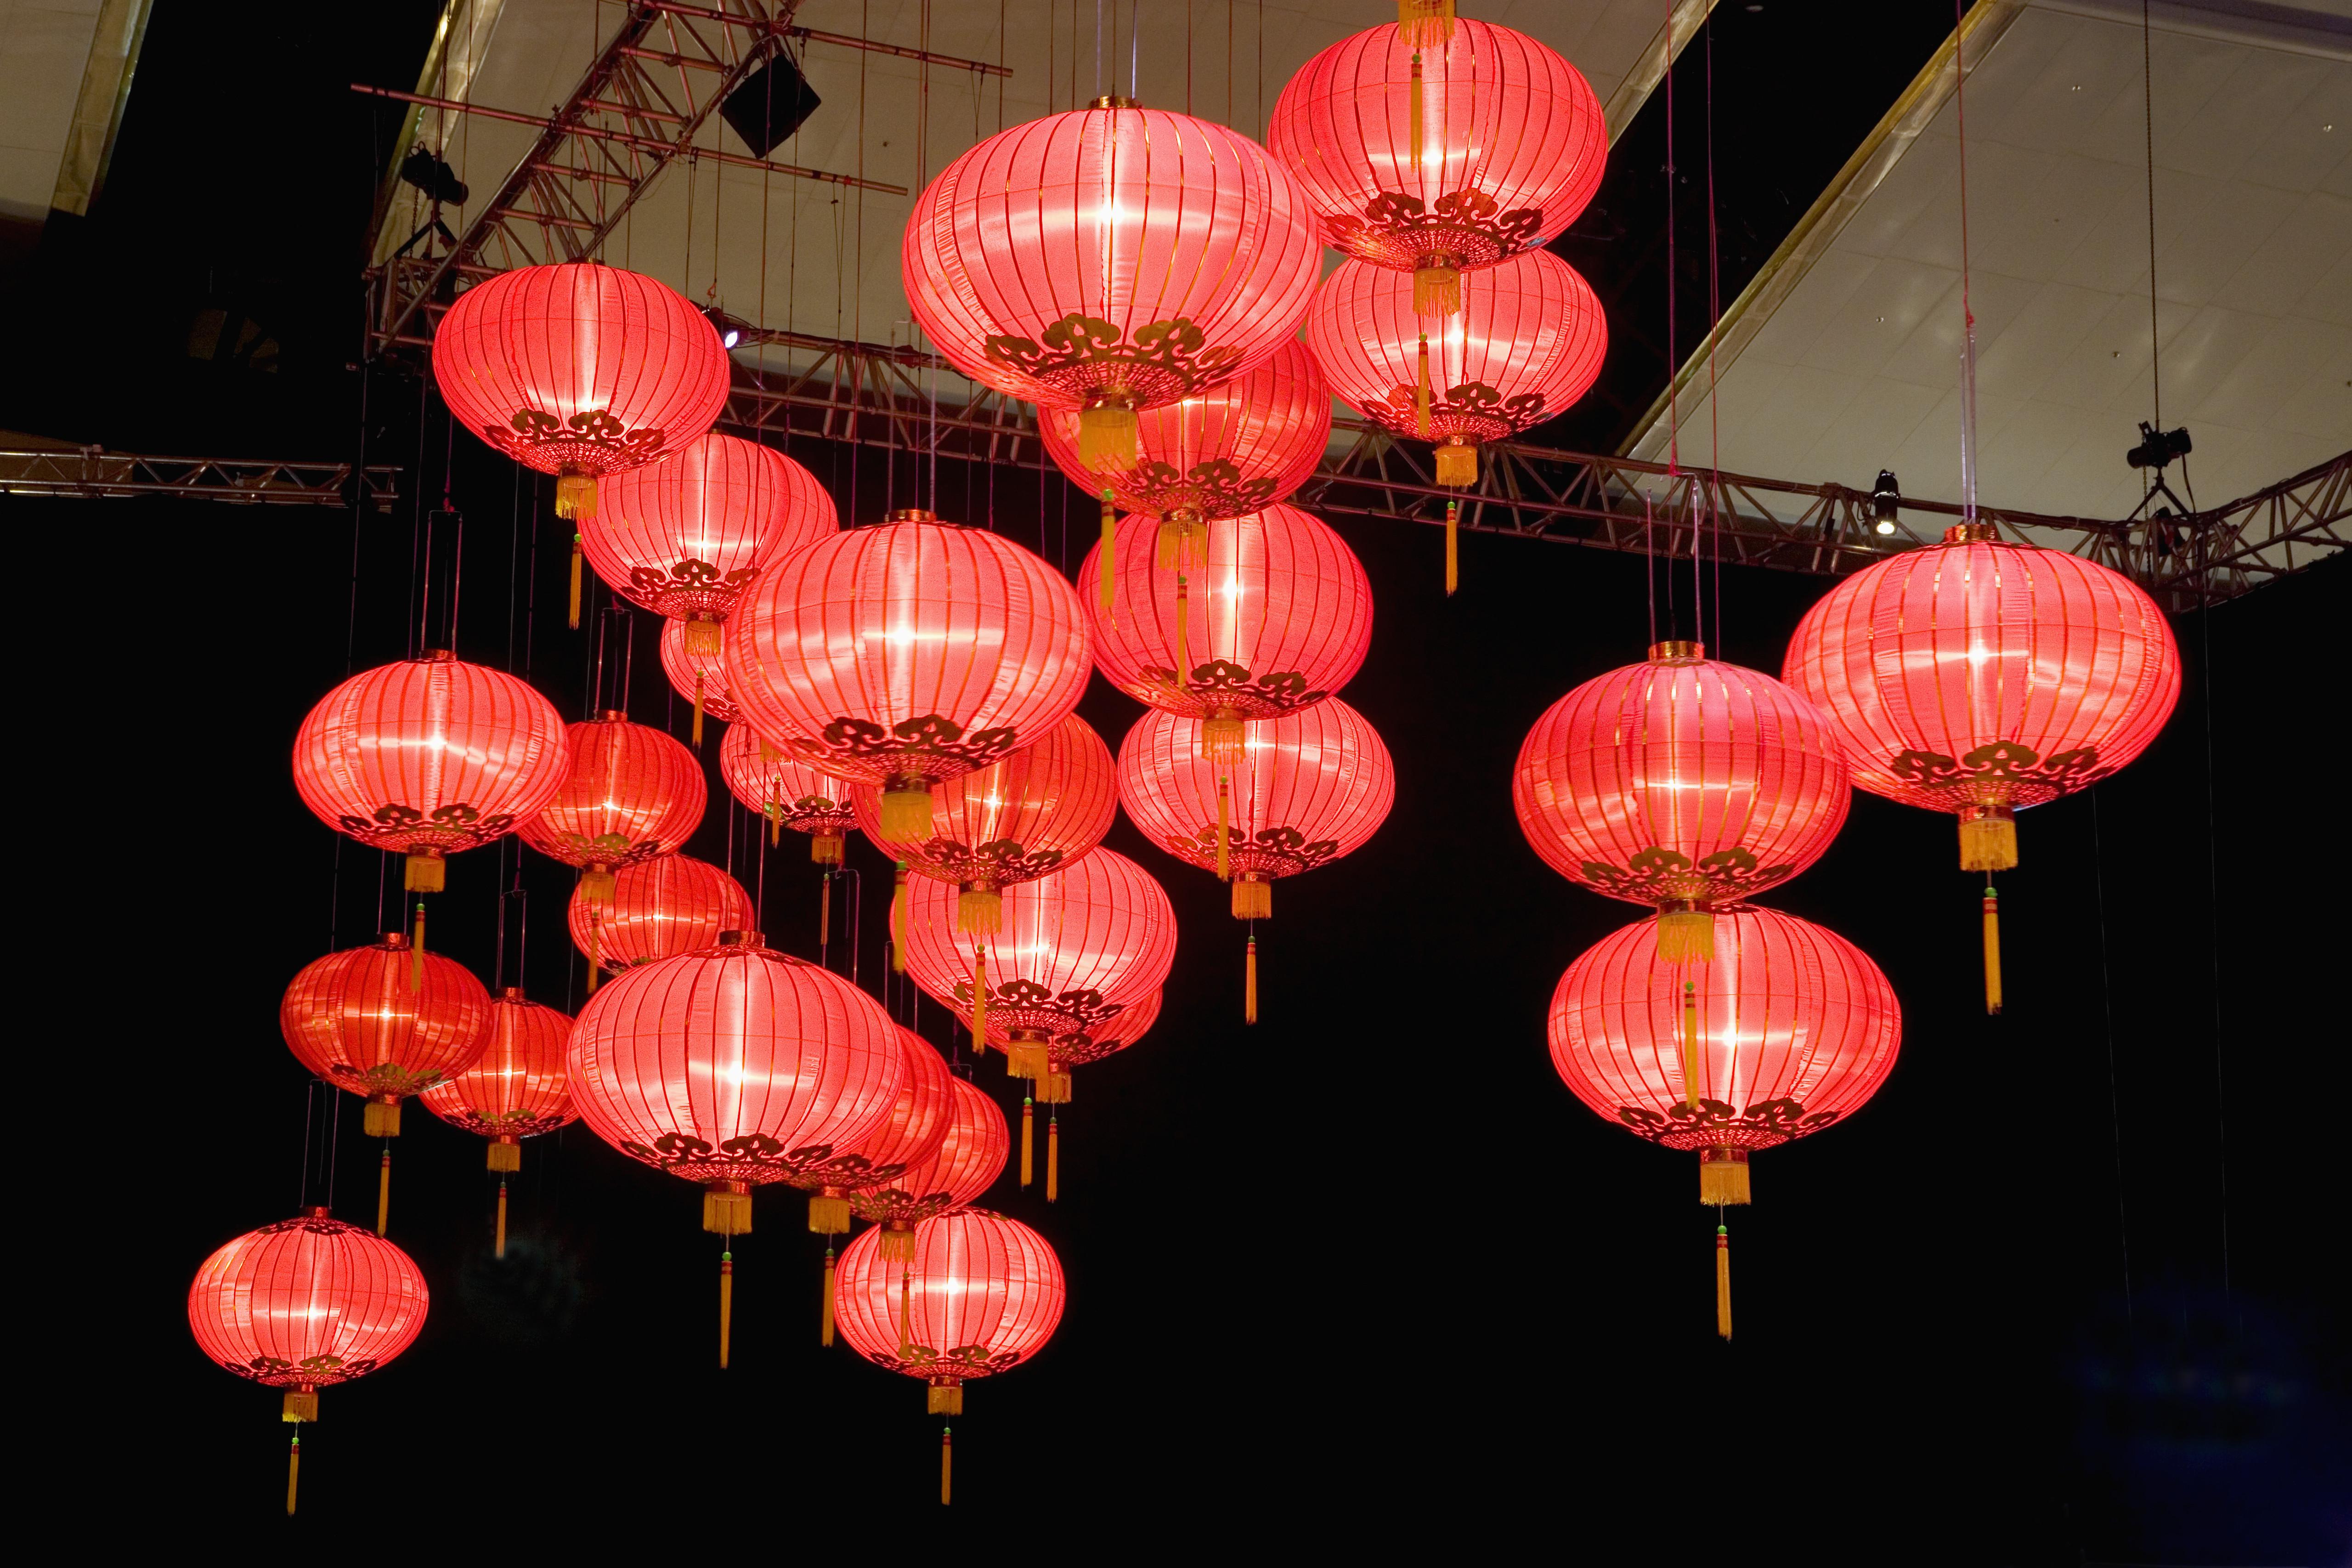 red lanterns hong kong china chinese new year holidays - Chinese New Year Lantern